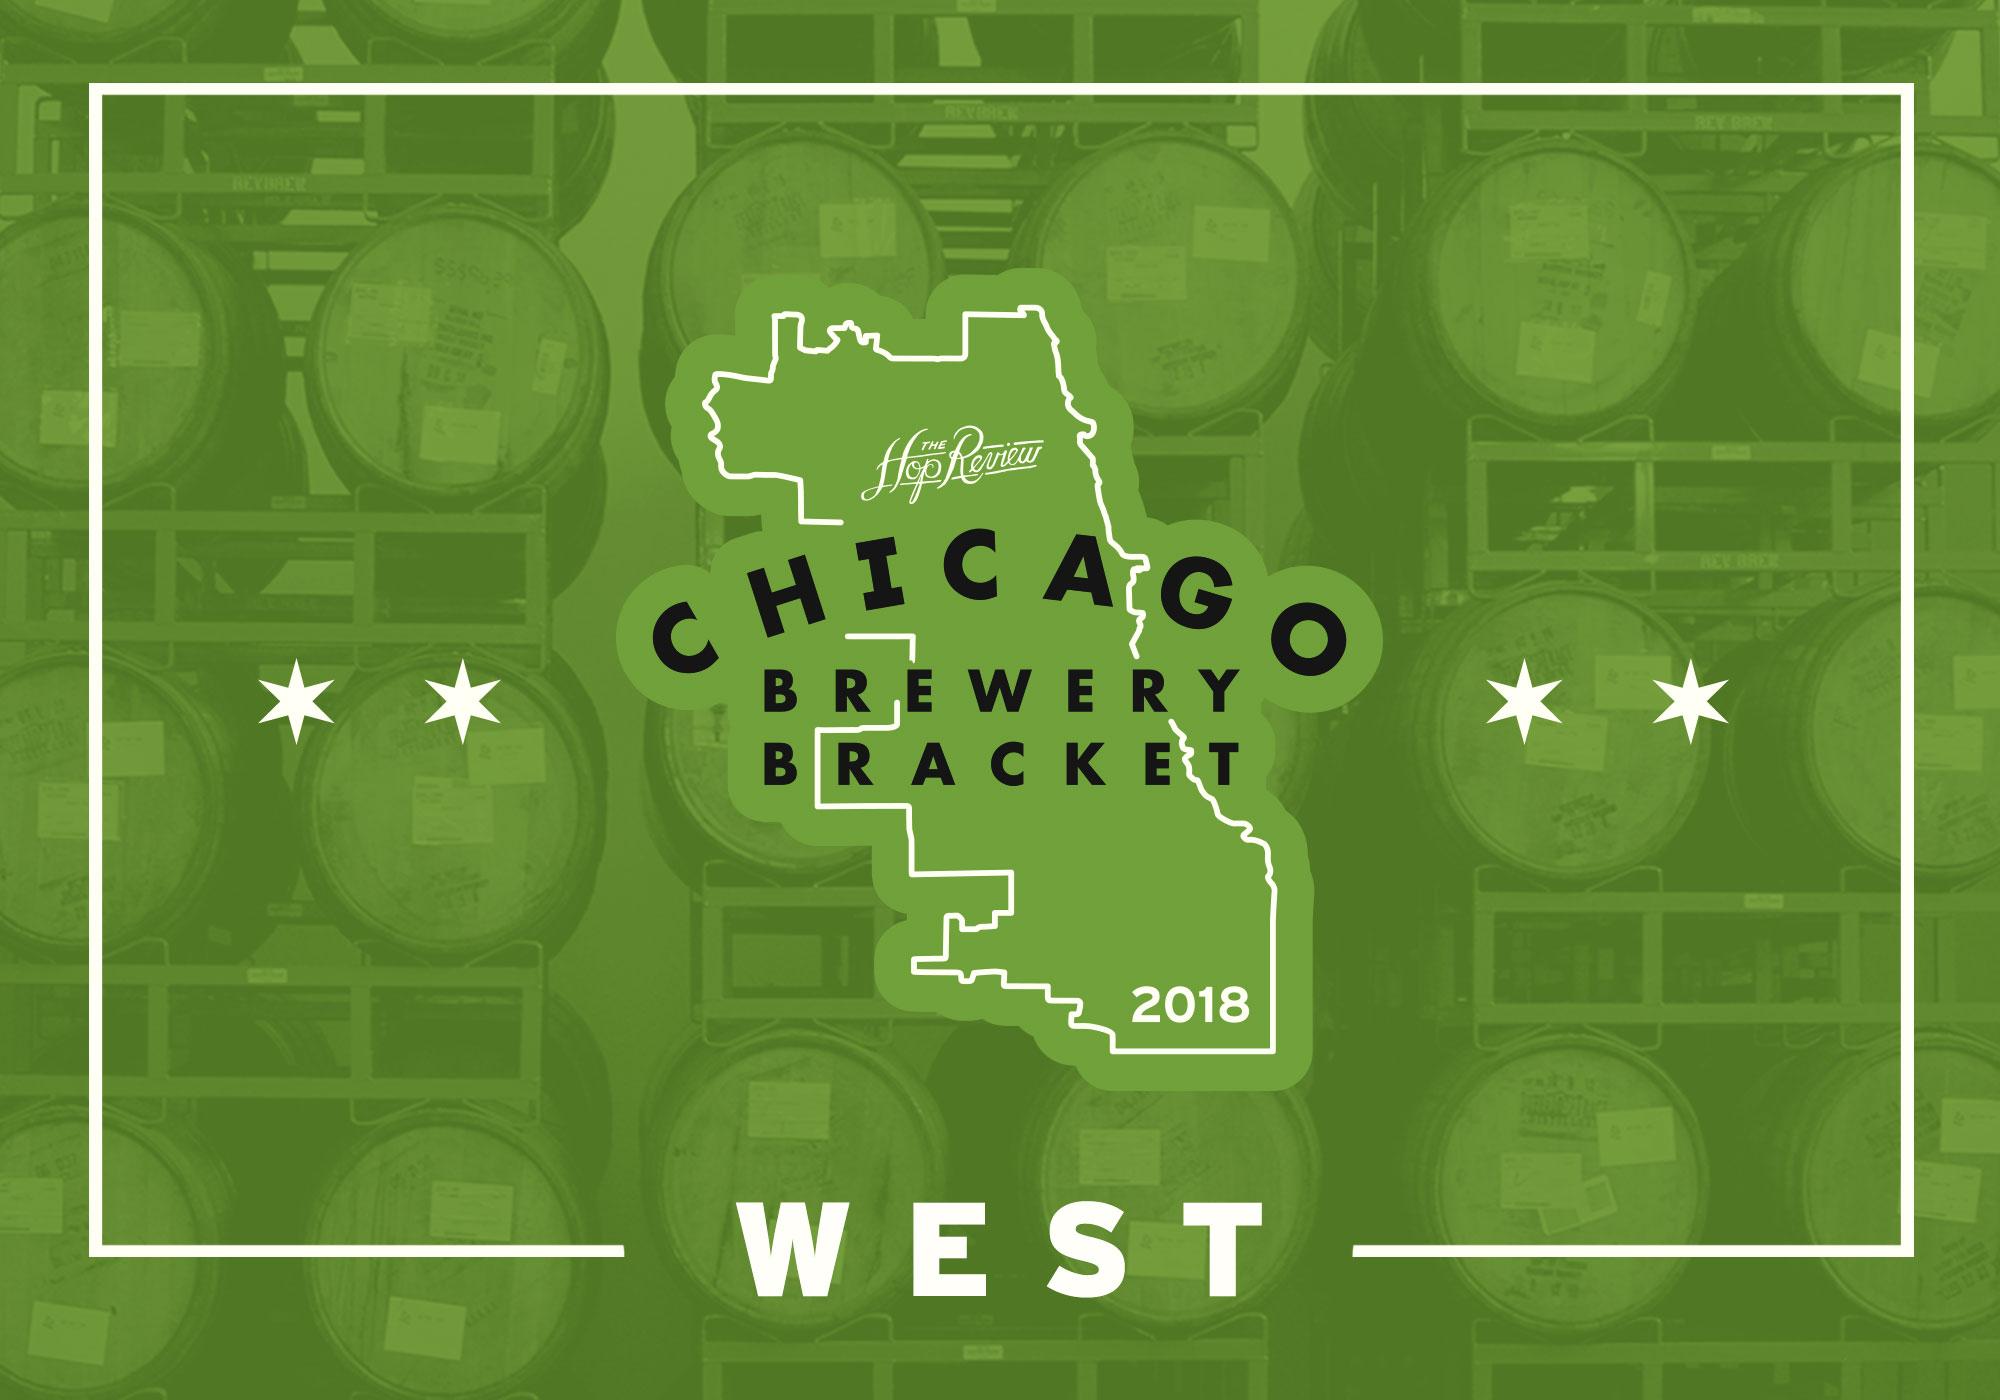 2018 Chicago Brewery Bracket: West – Rd. 1